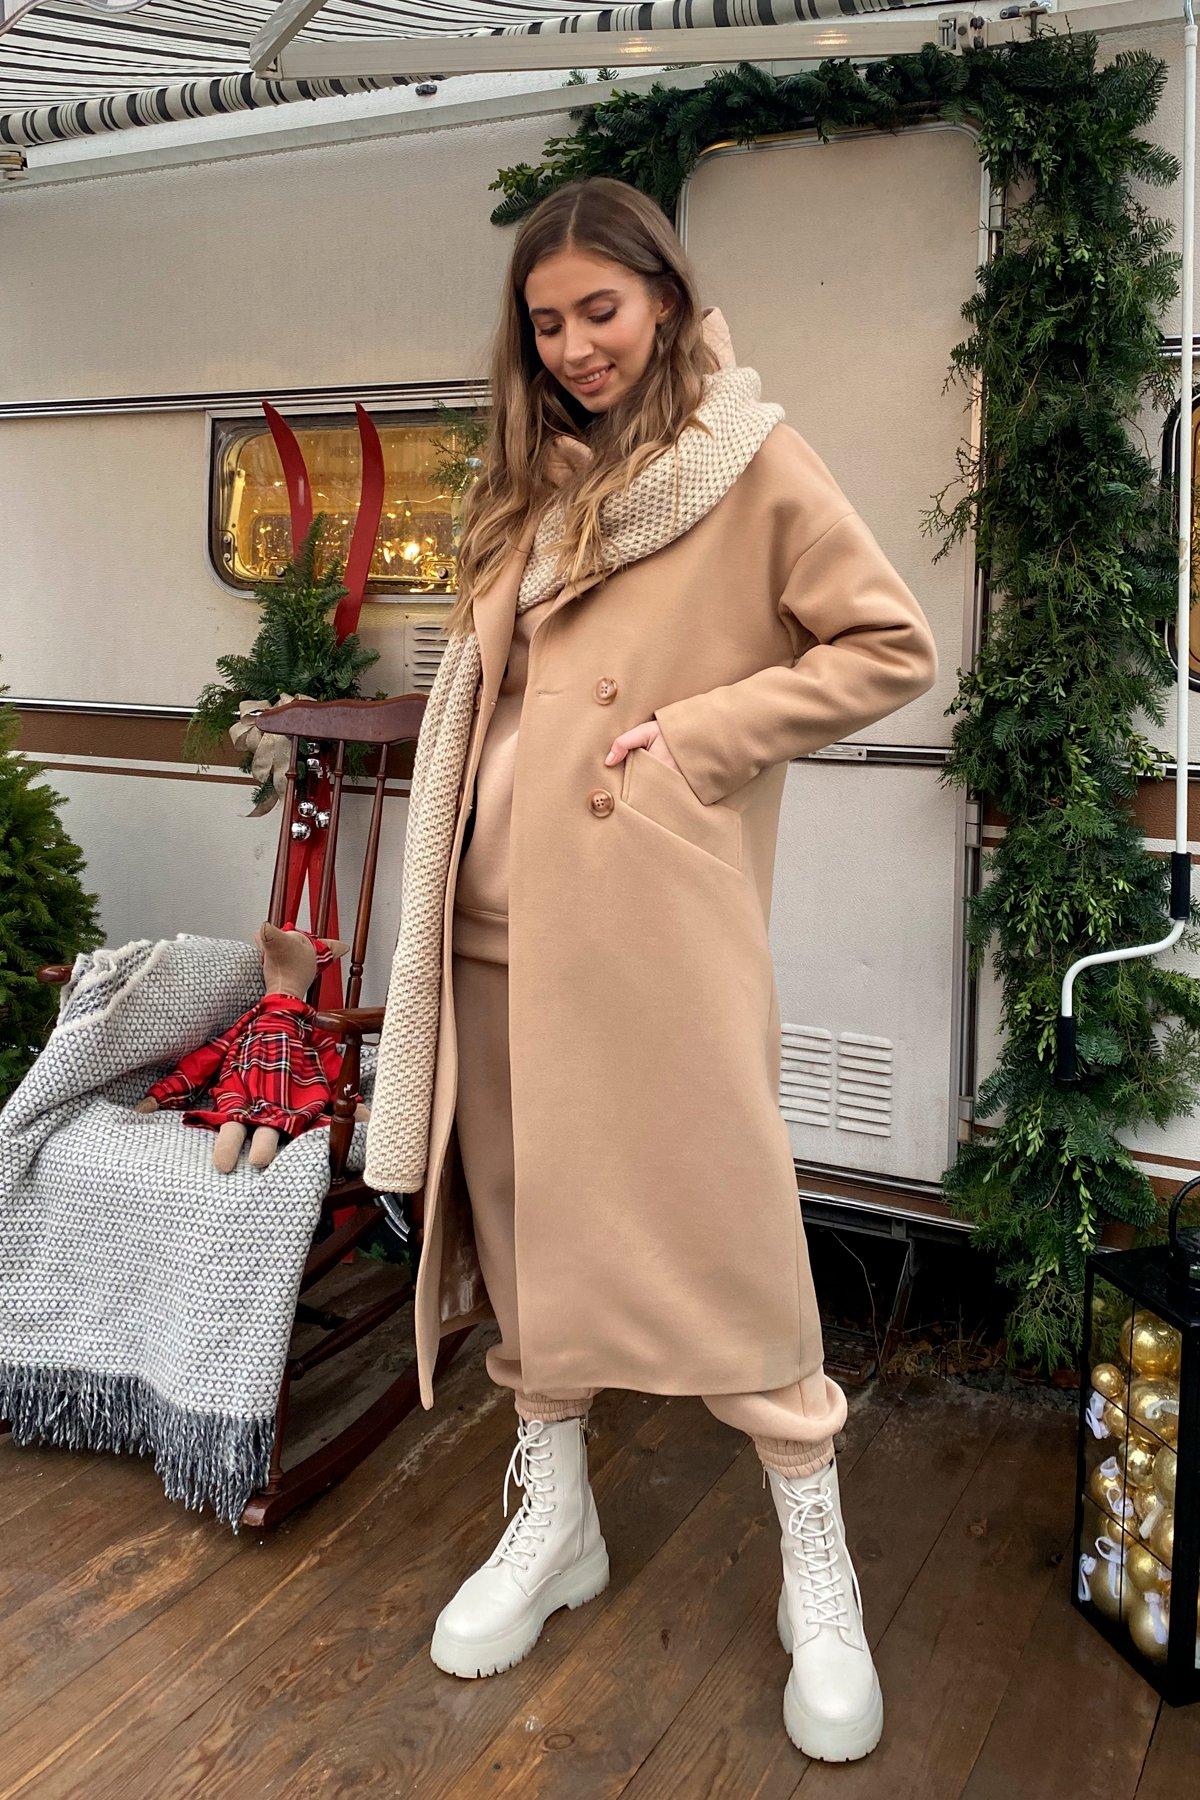 Сенсей макси кашемир турецкий зима пальто 10041 АРТ. 46335 Цвет: Кемел - фото 2, интернет магазин tm-modus.ru